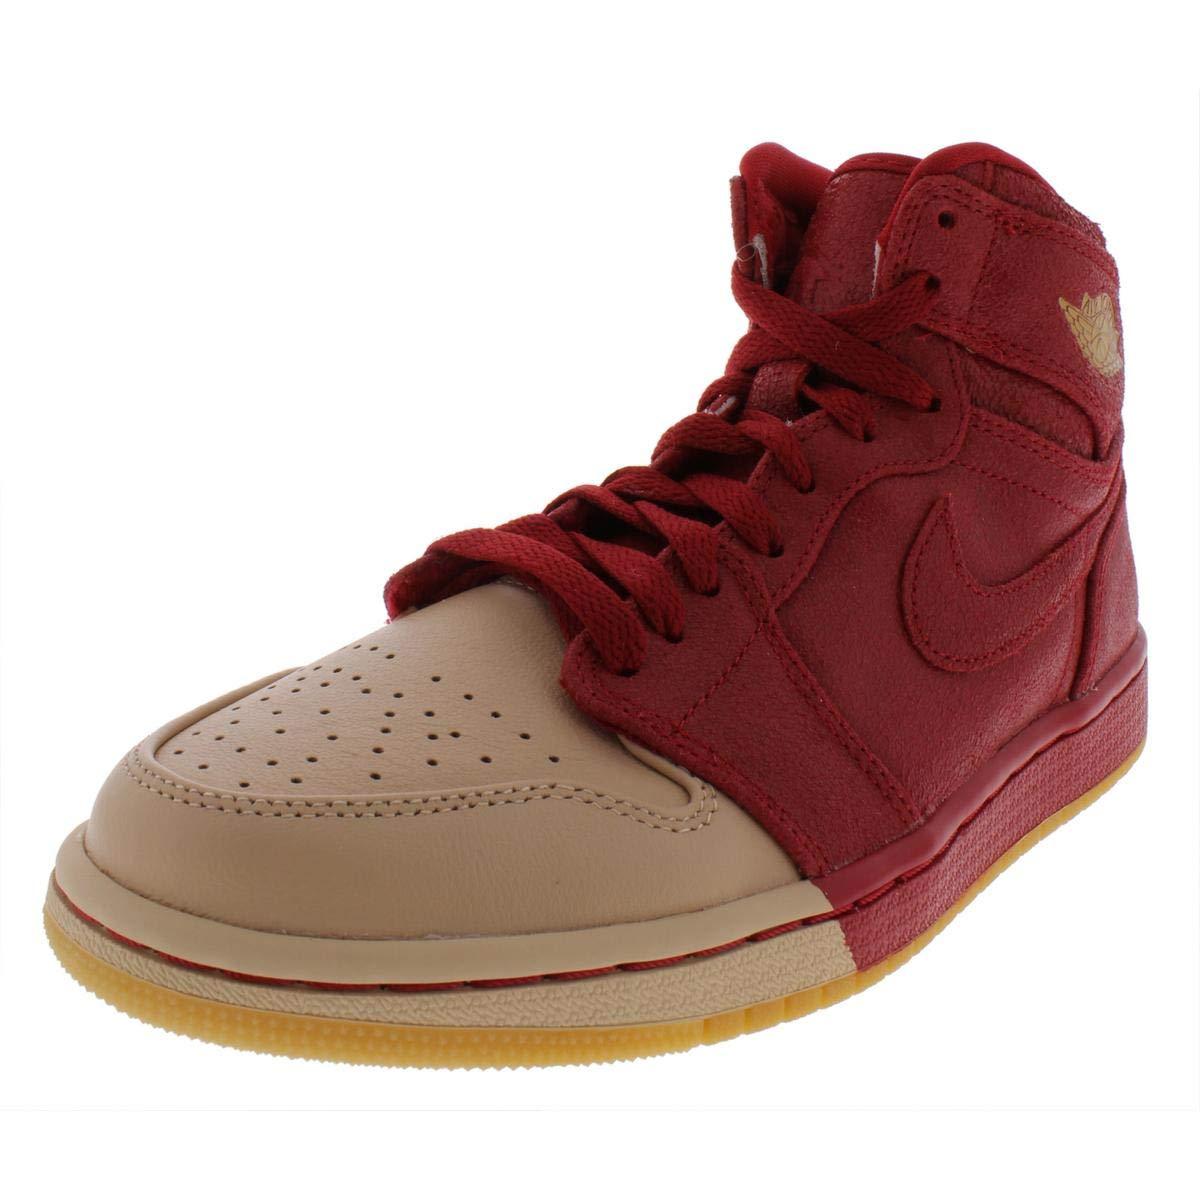 Jordan Nike Women's 1 Retro Hi Premium Basketball Shoe 9 Red by Jordan